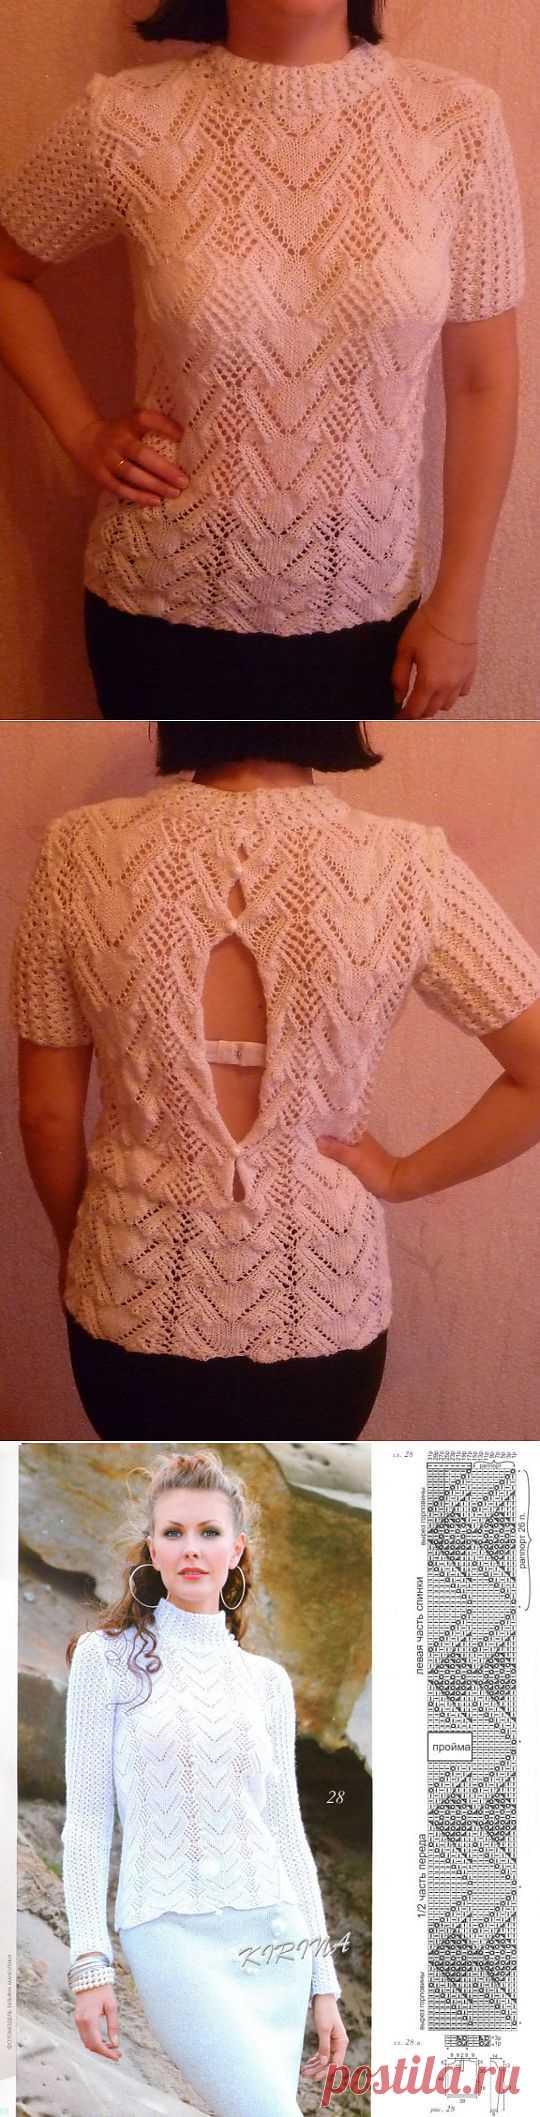 ажурный пуловер с вырезом на спине | РУКОДЕЛИЕ